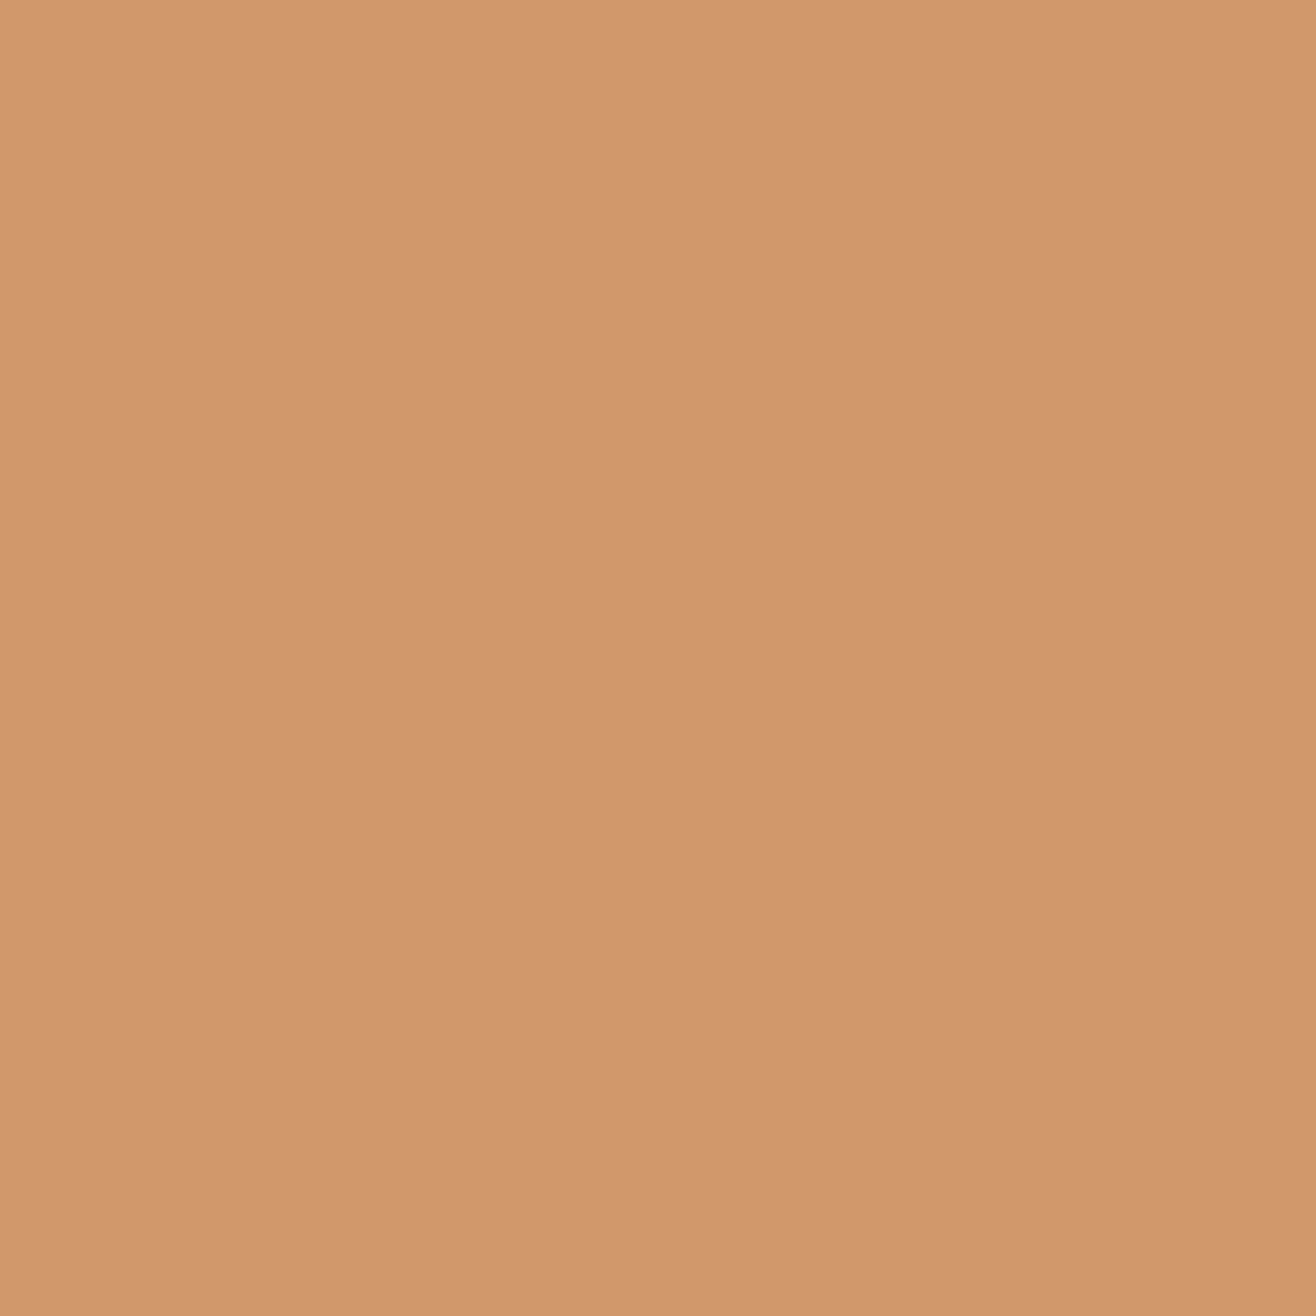 までグローブ文房具SANMIMORE(サンミモレ化粧品) UVパクト 52号オークル (レフィル 替パフ付)